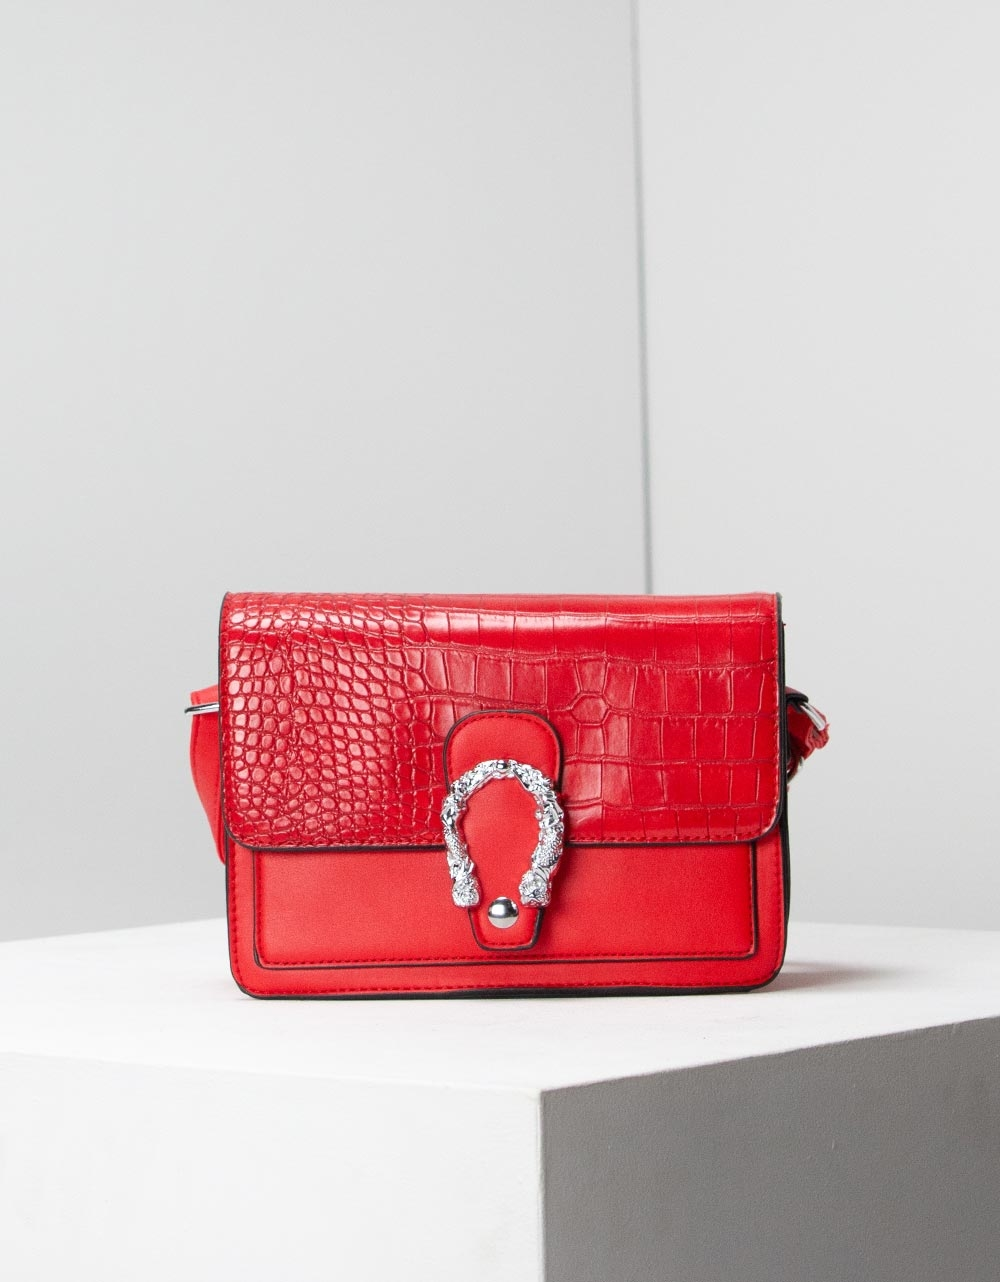 Εικόνα από Γυναικεία τσάντα χειρός με κροκό μοτίβο και μεταλλικό διακοσμητικό Κόκκινο